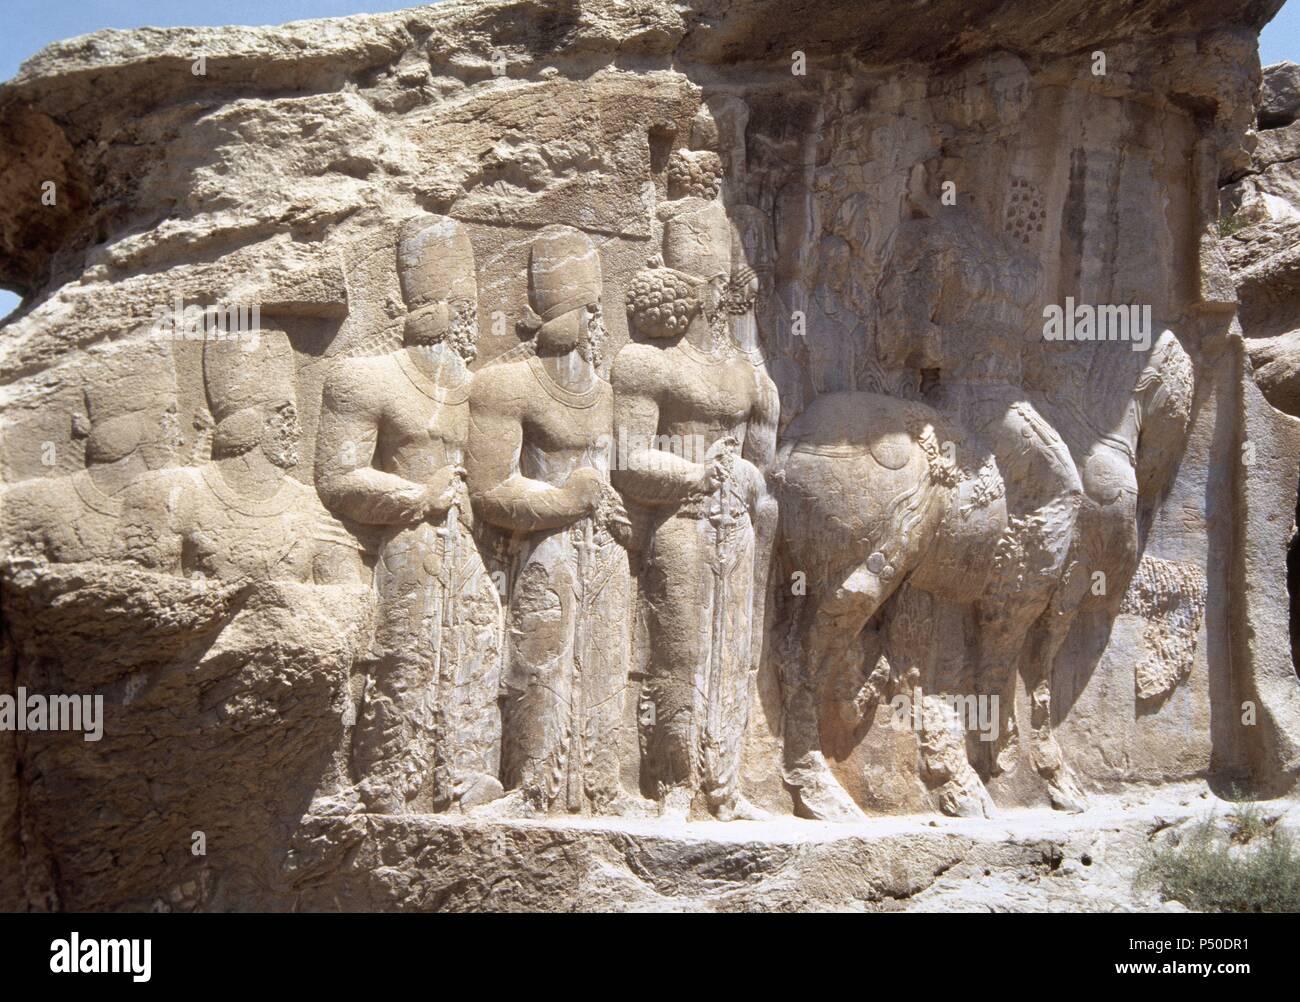 The Kings Arab